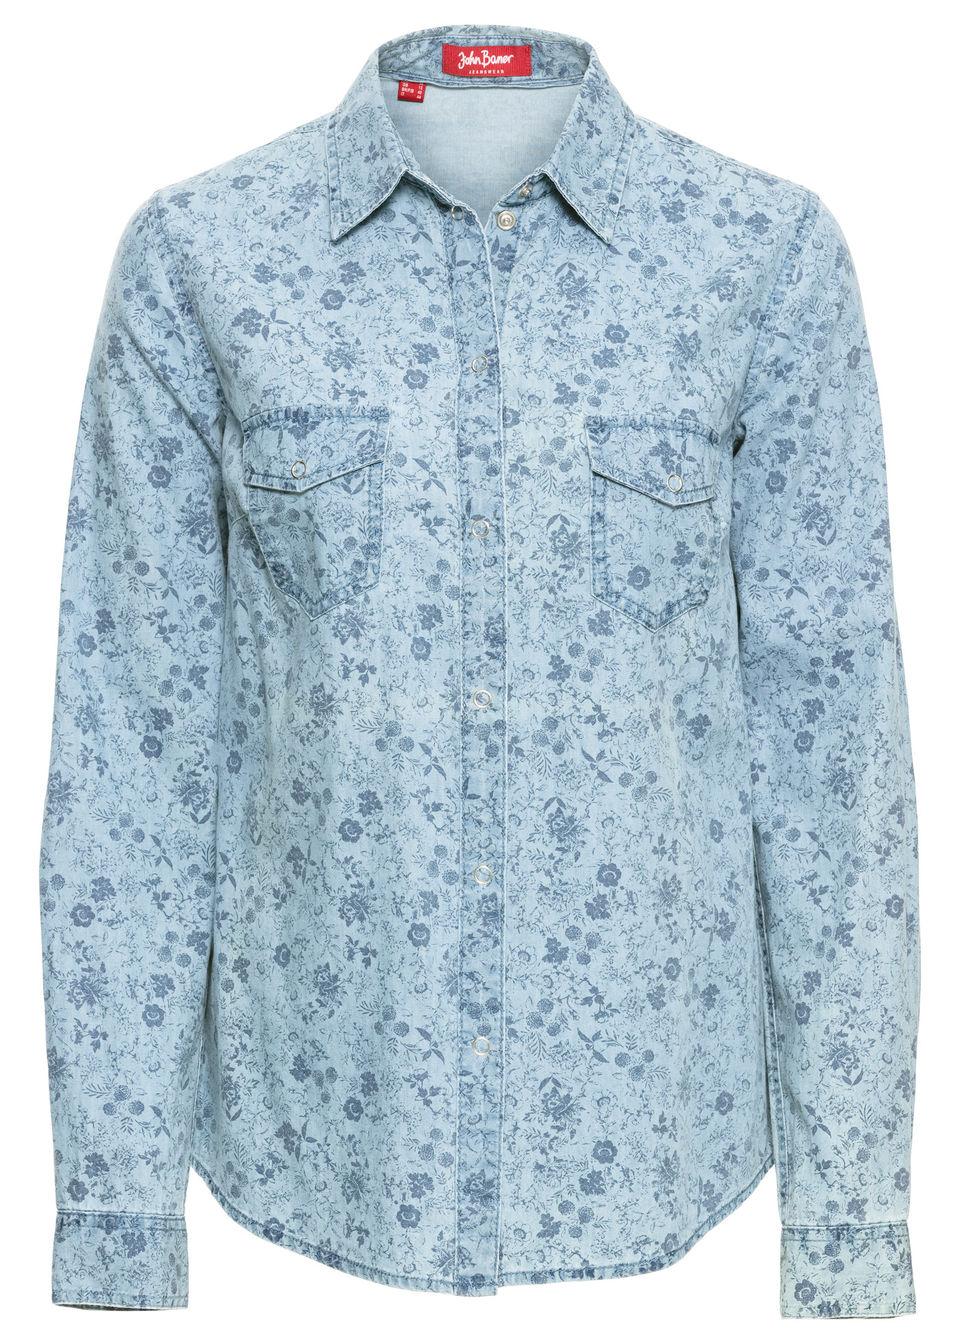 Купить Джинсовая блузка с принтом, bonprix, нежно-голубой с рисунком